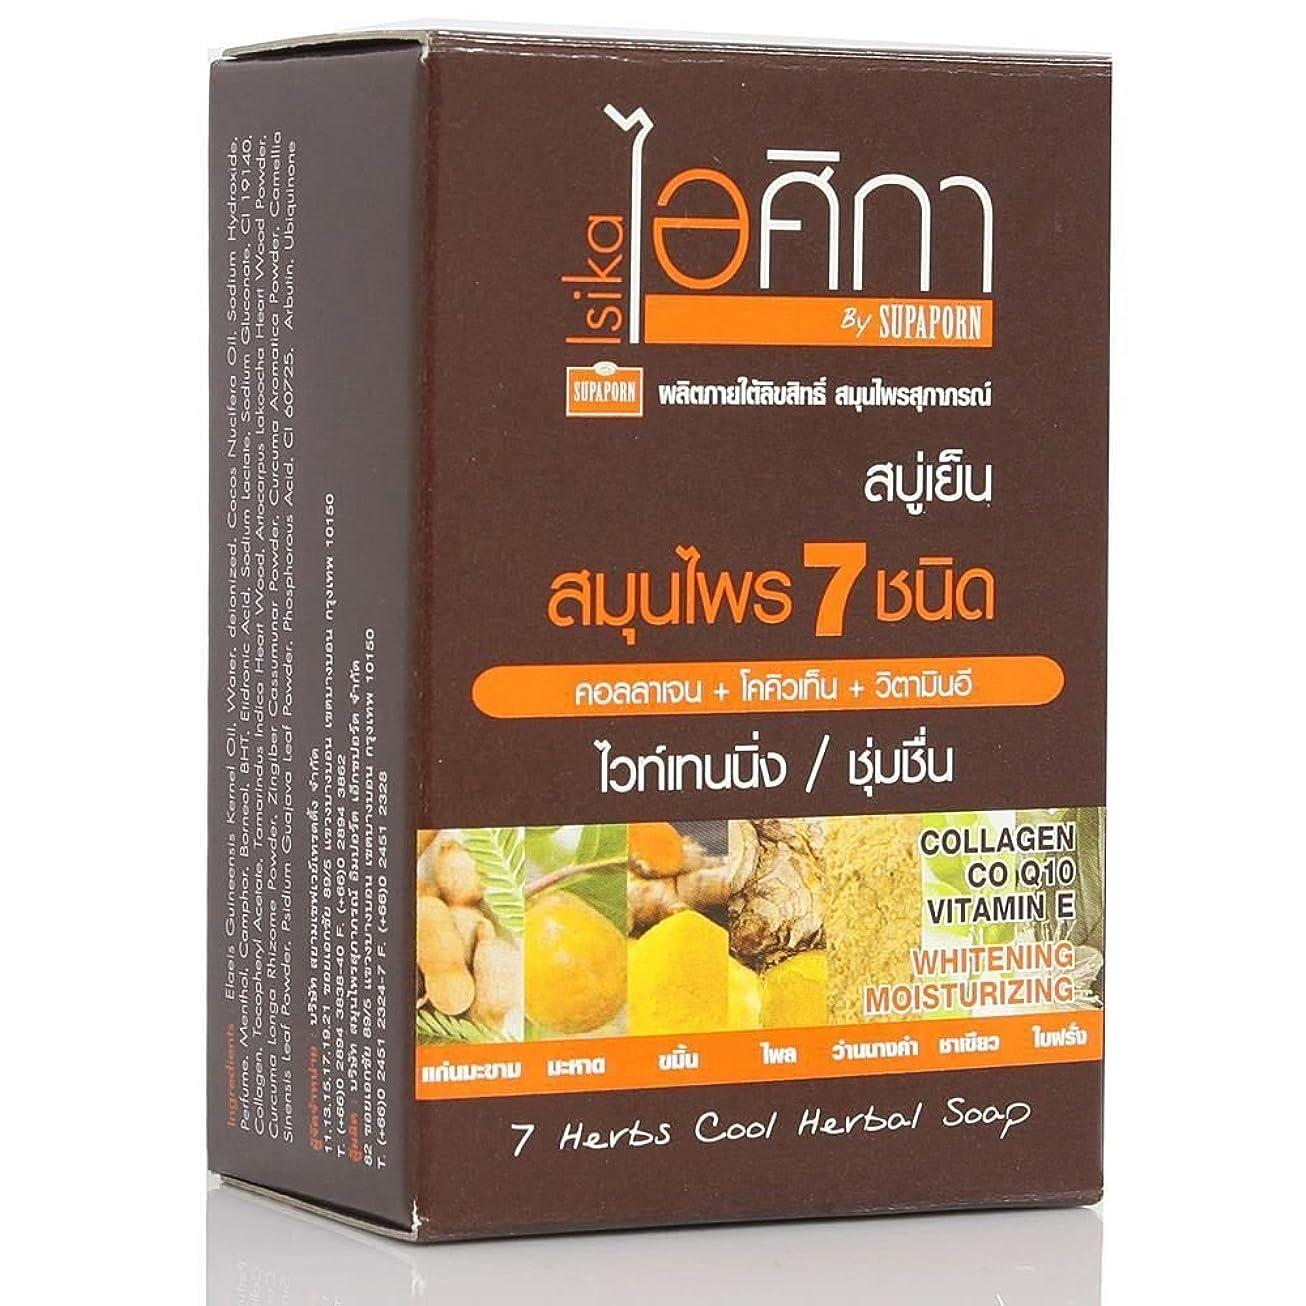 たぶん水を飲む汚いIsika 7 herbs Cool Herbal Soap with Collagen, Co-enzyme Q10, Vitamin E 100g